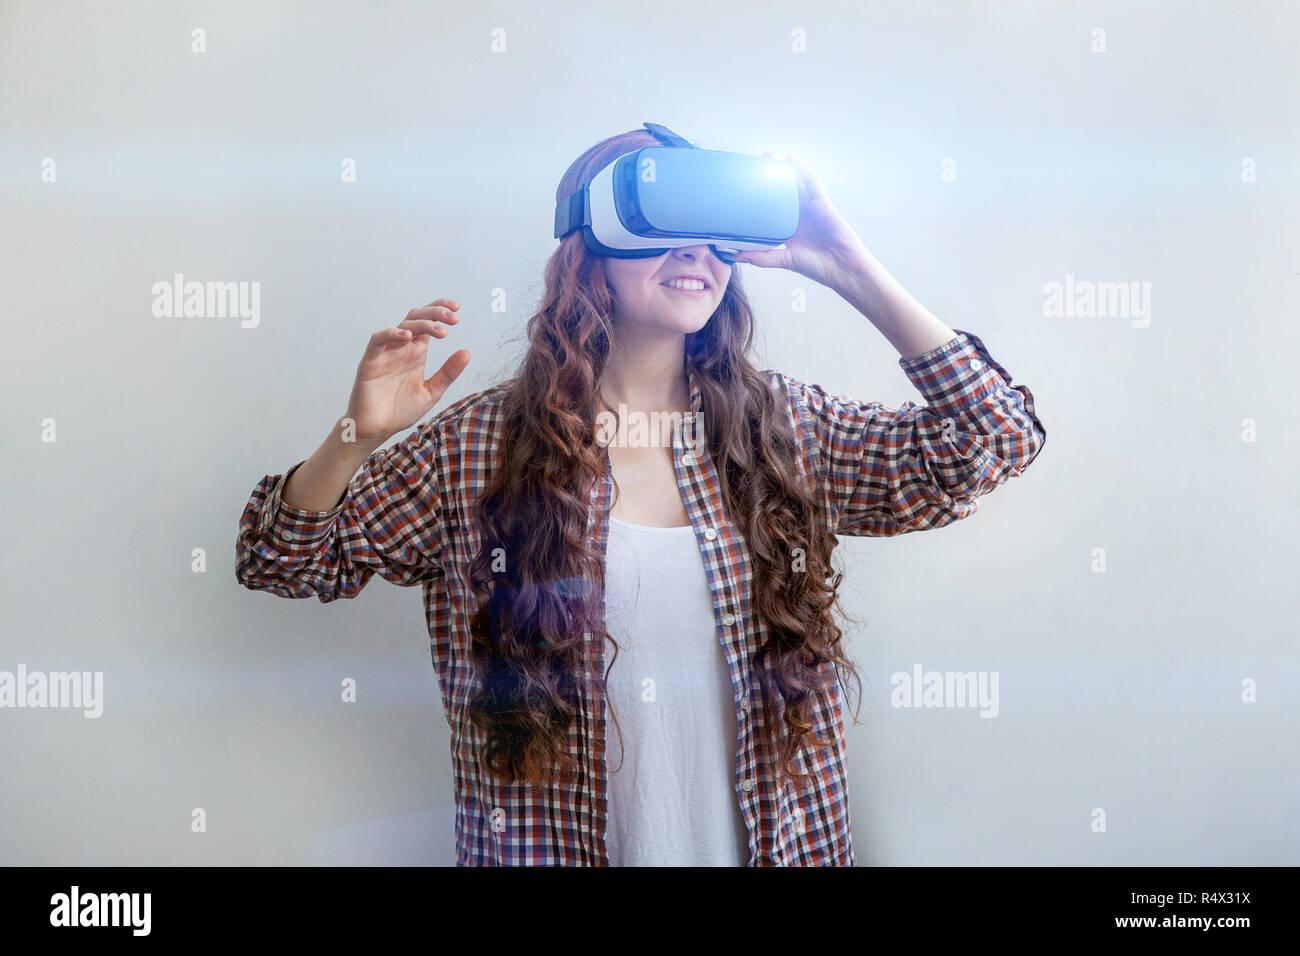 Sourire jeune femme portant à l'aide de lunettes de réalité virtuelle VR casque casque sur fond blanc. Avec l'aide de lunettes de réalité virtuelle. La technologie, simulation, hi-tech, concept de jeu vidéo Banque D'Images